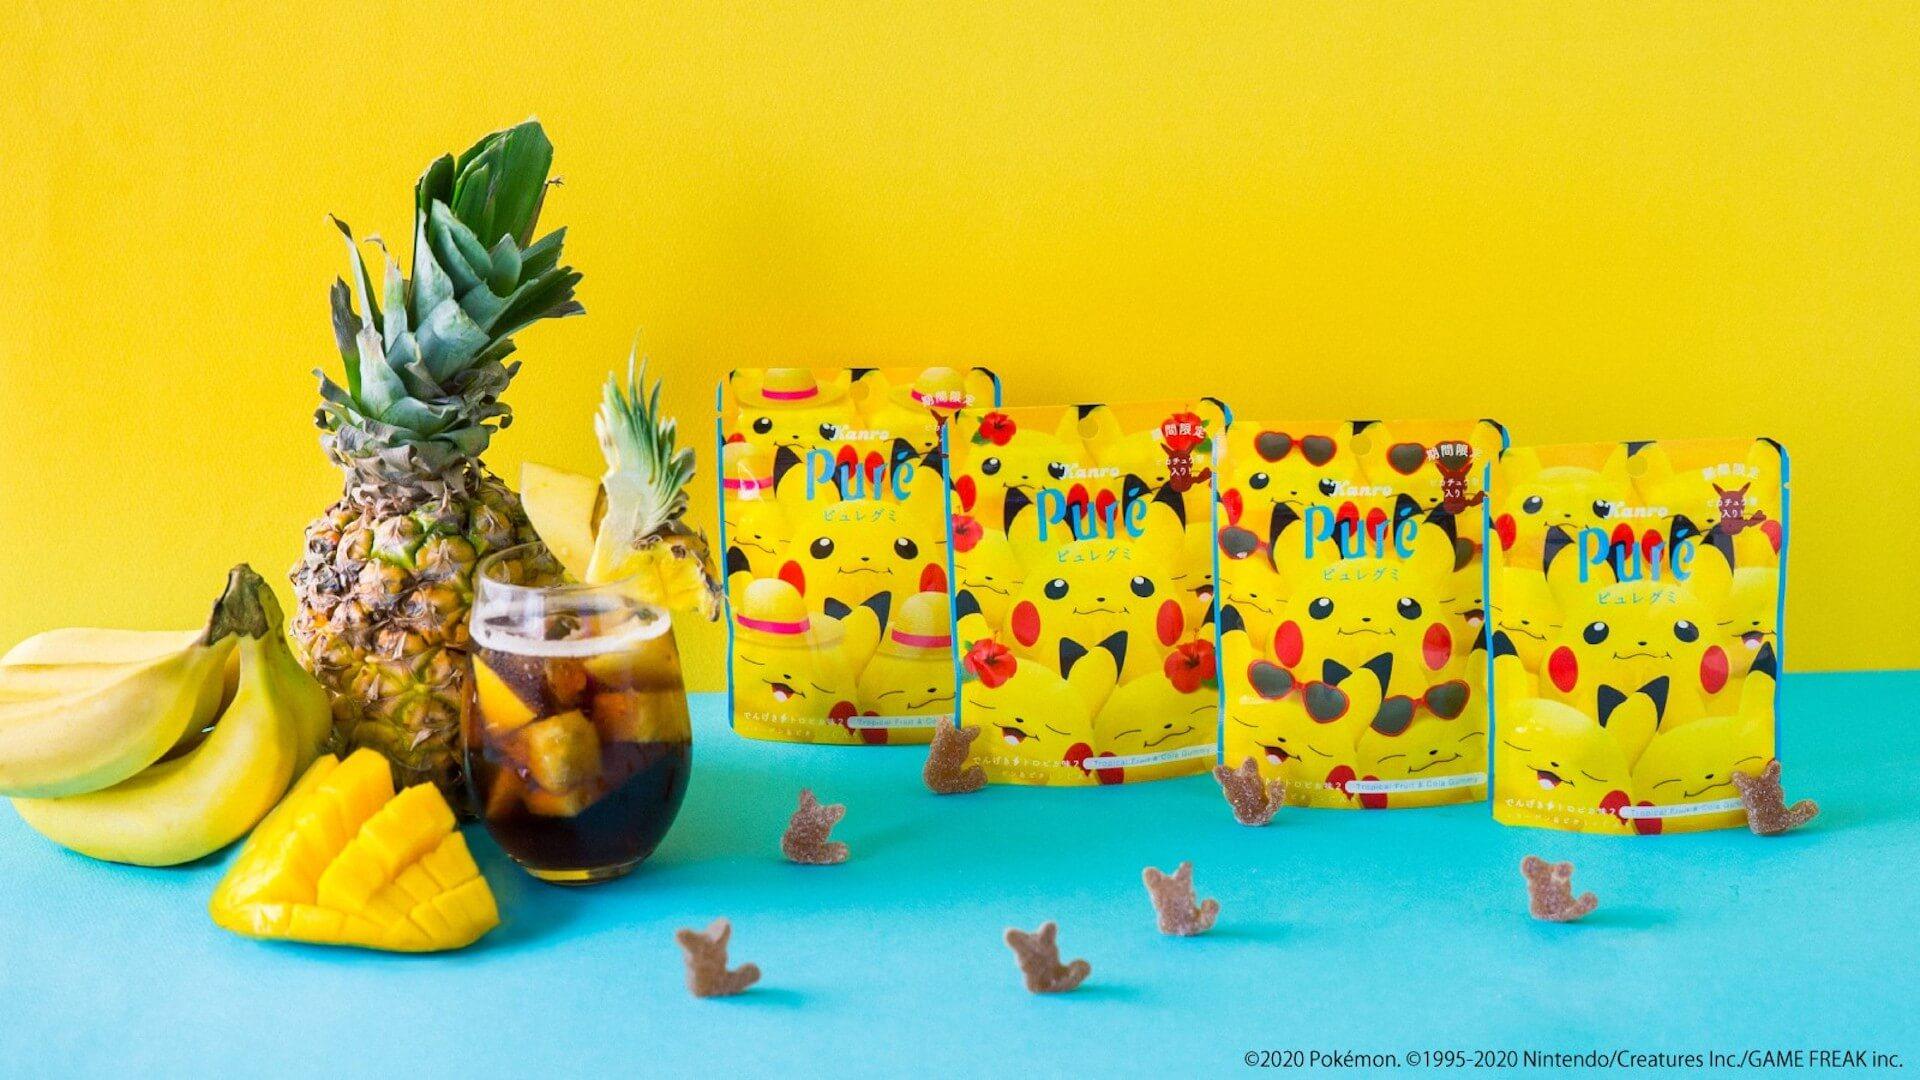 超キュートなピカチュウのグミがたくさん!大好評の「ピカチュウ ピュレグミ」第2弾が数量限定発売 gourmet200714_pure_pikachu_3